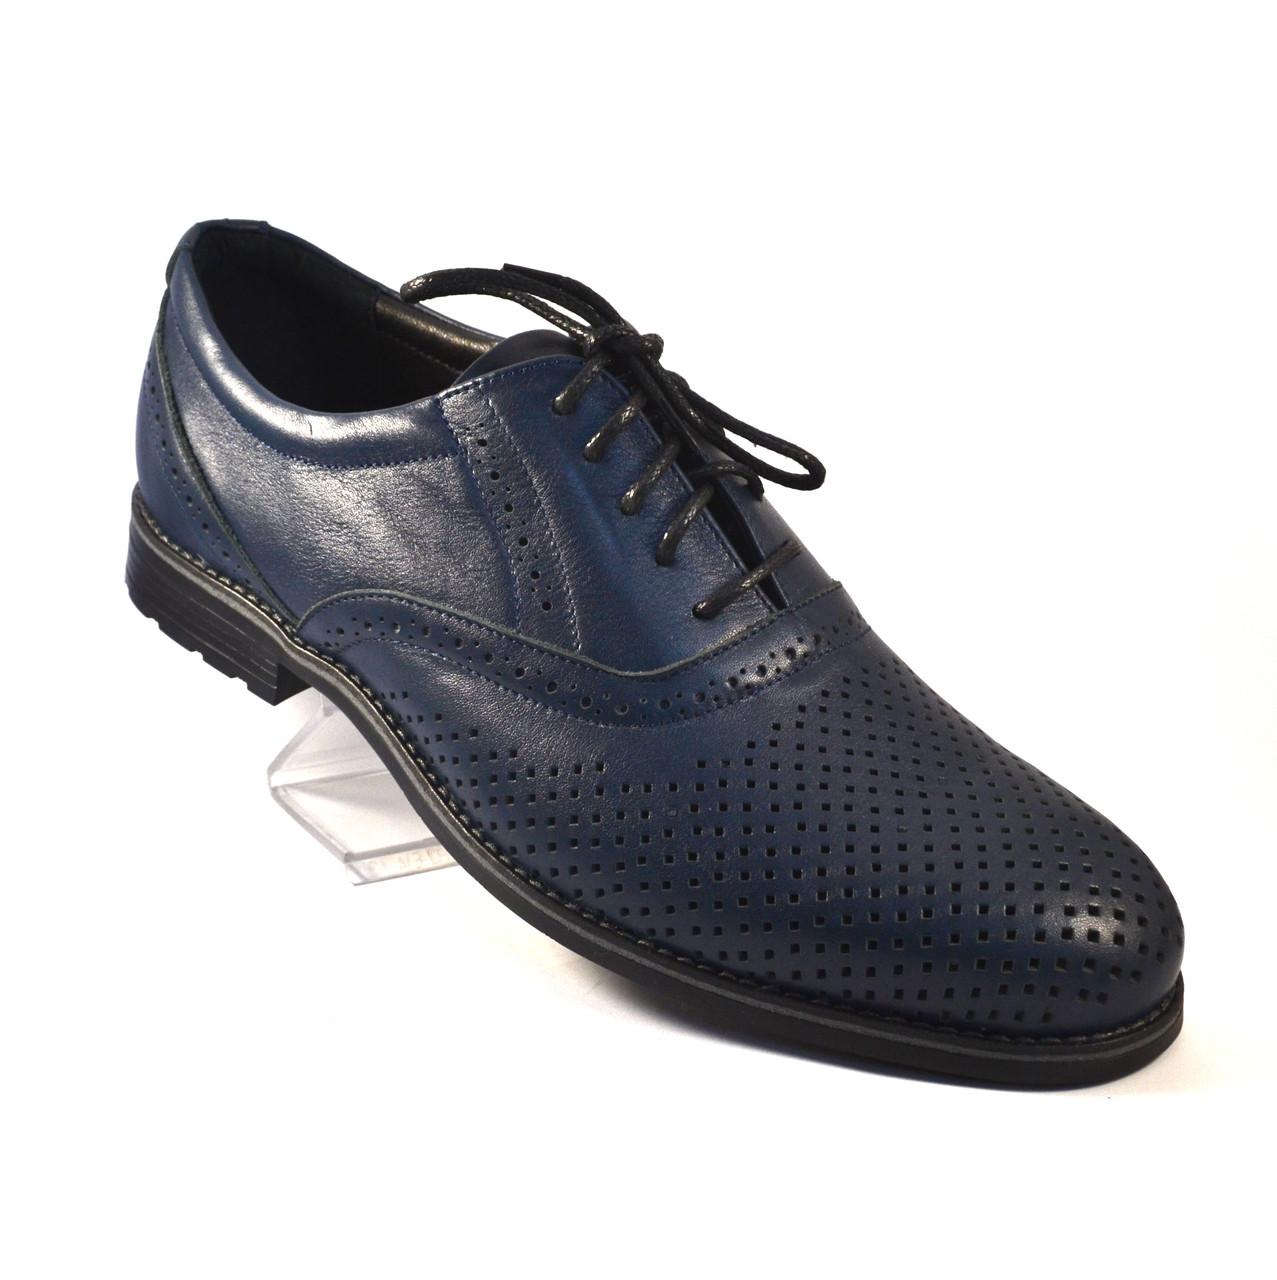 Летние мужские туфли кожаные синие в сеточку Rosso Avangard Felicite Blu Perf